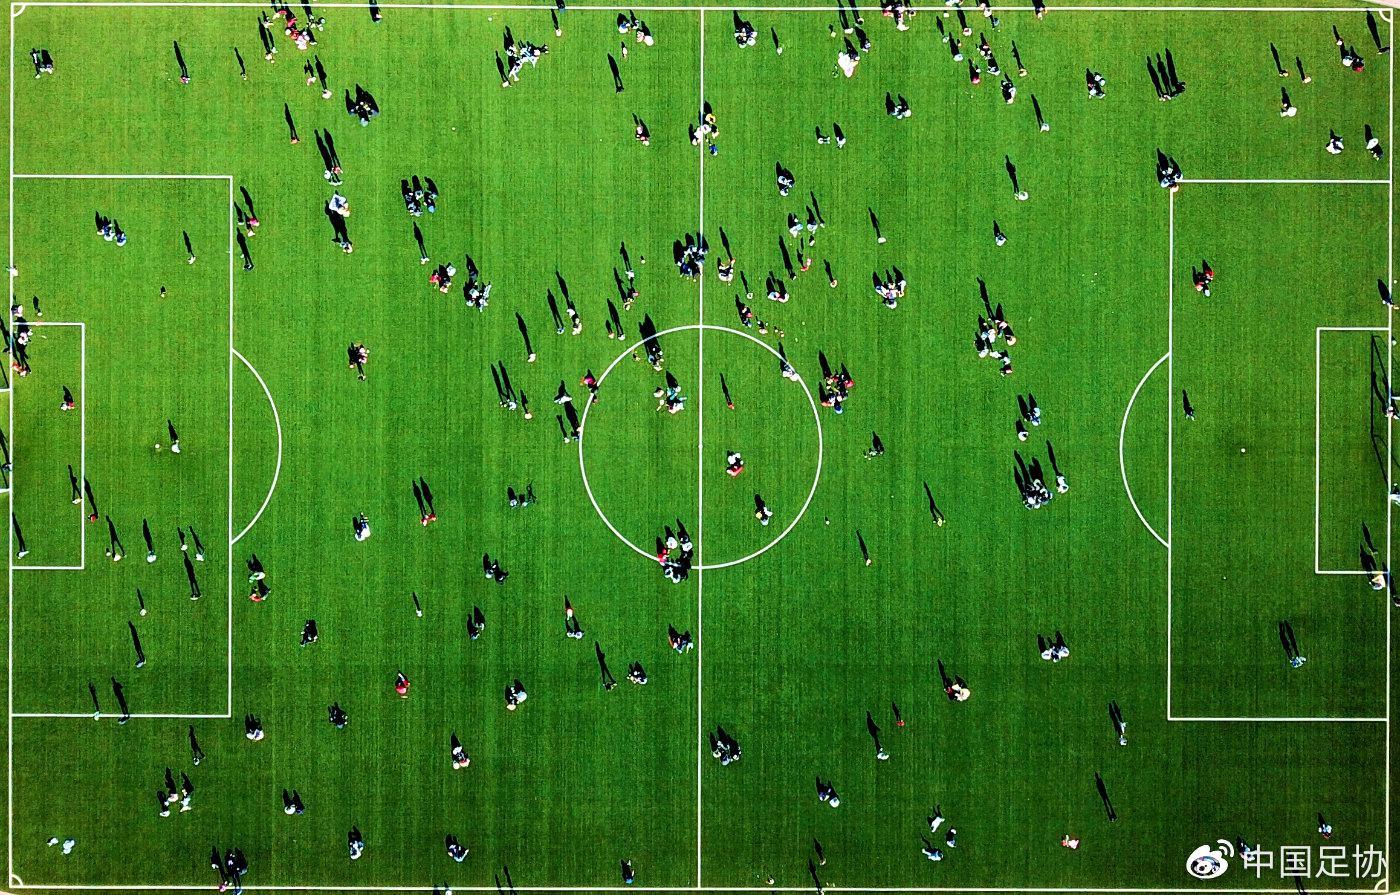 2020中国足球新闻奖获奖名单揭晓 6组45件优秀作品